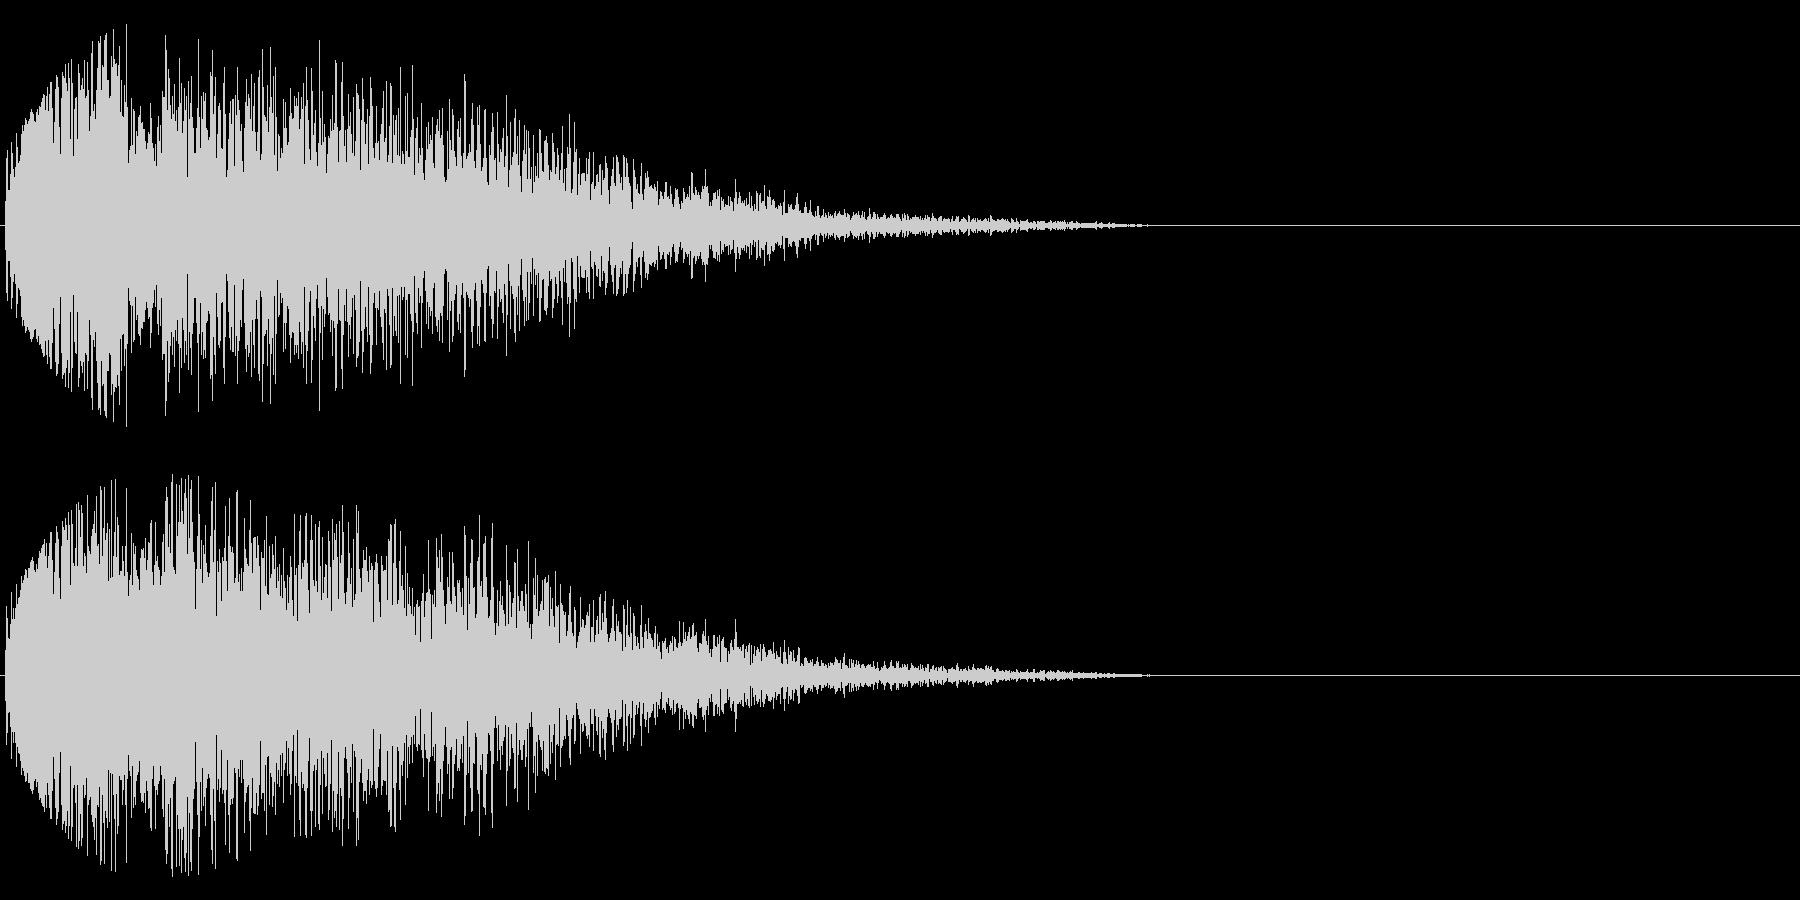 きらーん 流れるようにきれいな音の未再生の波形